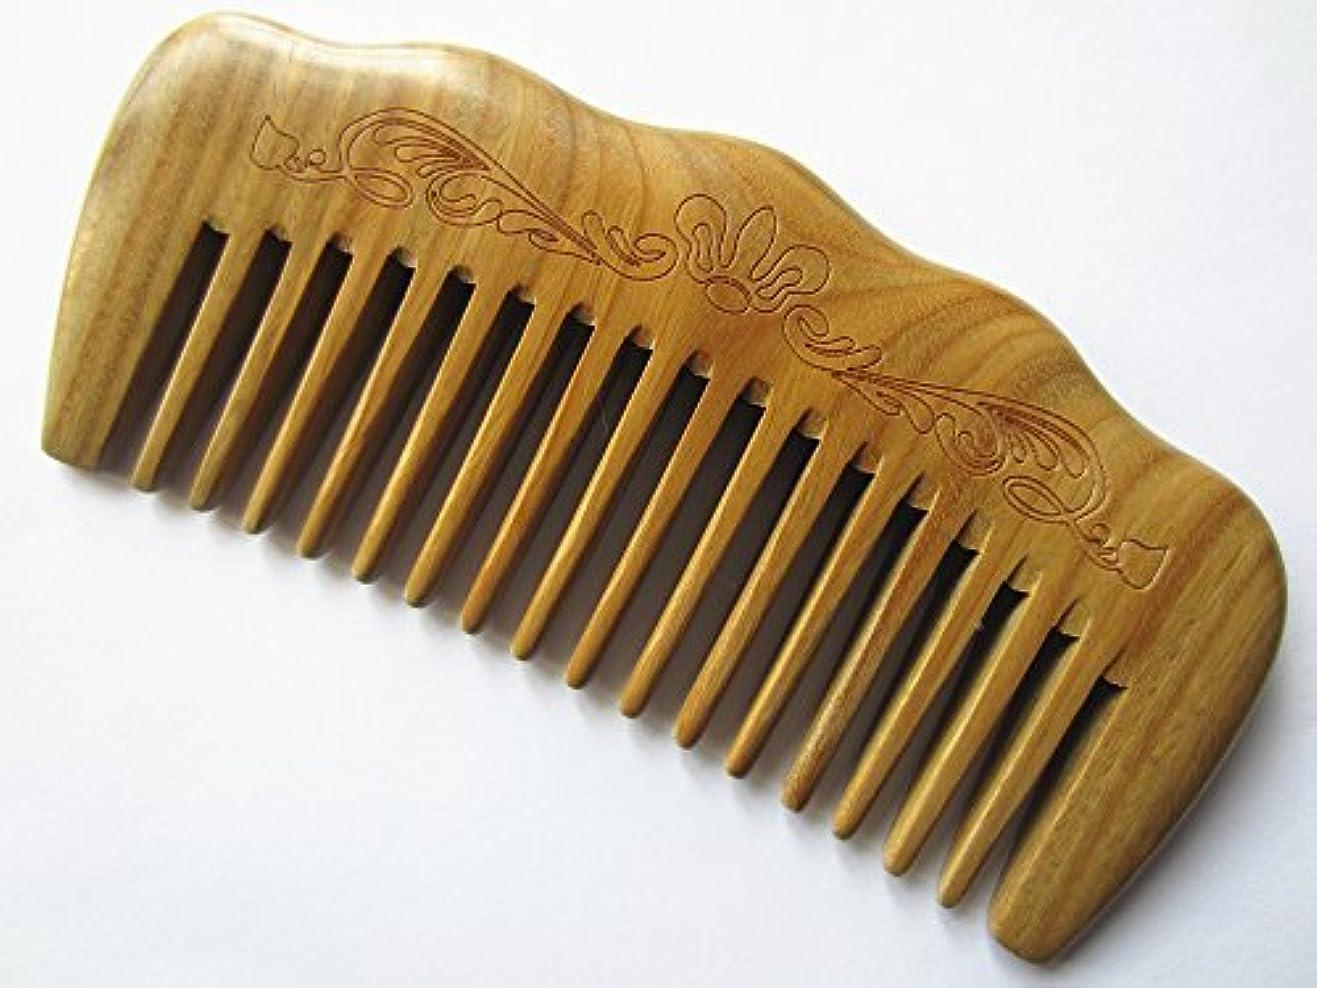 ベアリングサークル繕うクリップMyhsmooth Gs-by-mt Wide Tooth Wood Handmade Natural Green Sandalwood No Static Comb with Aromatic Scent for Detangling...